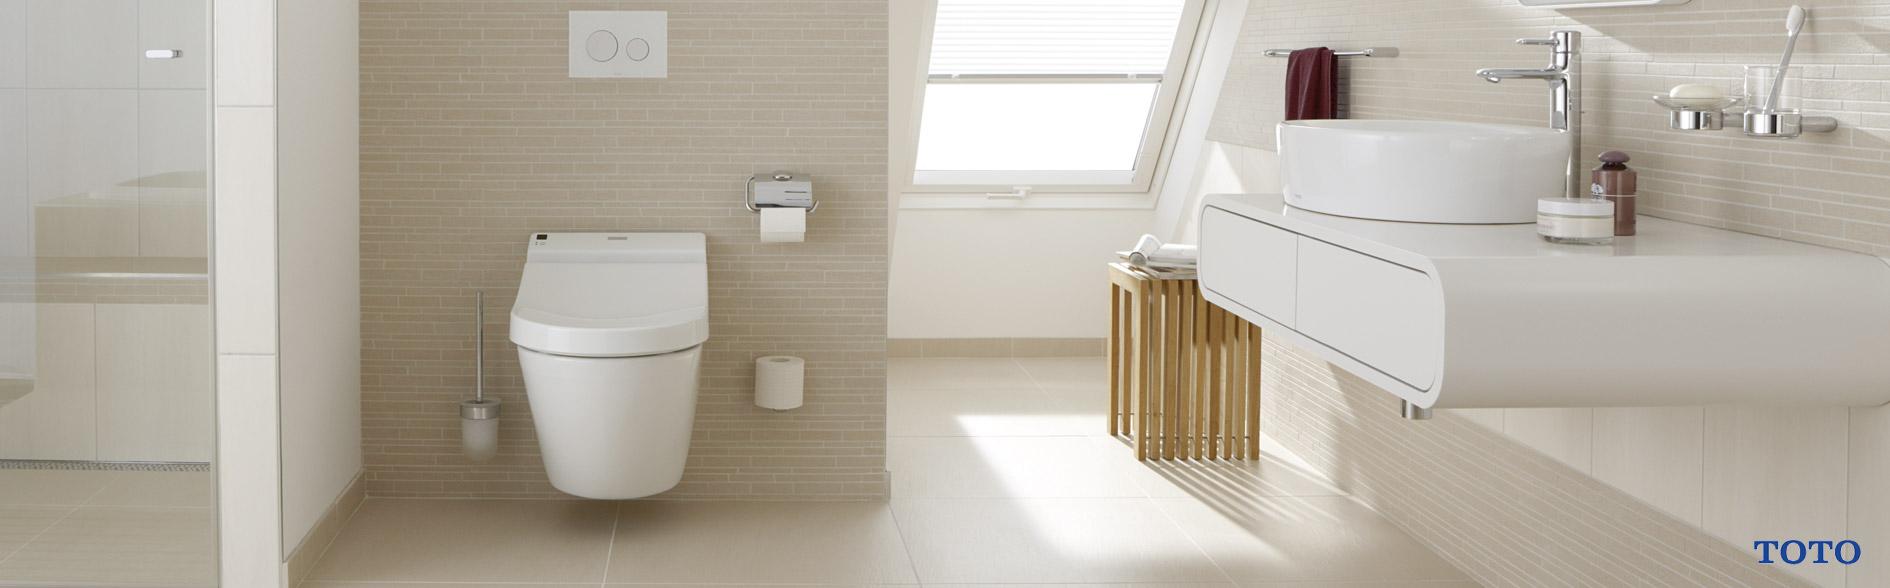 Accueil bains et carrelages bretagne for Toto salle de bain